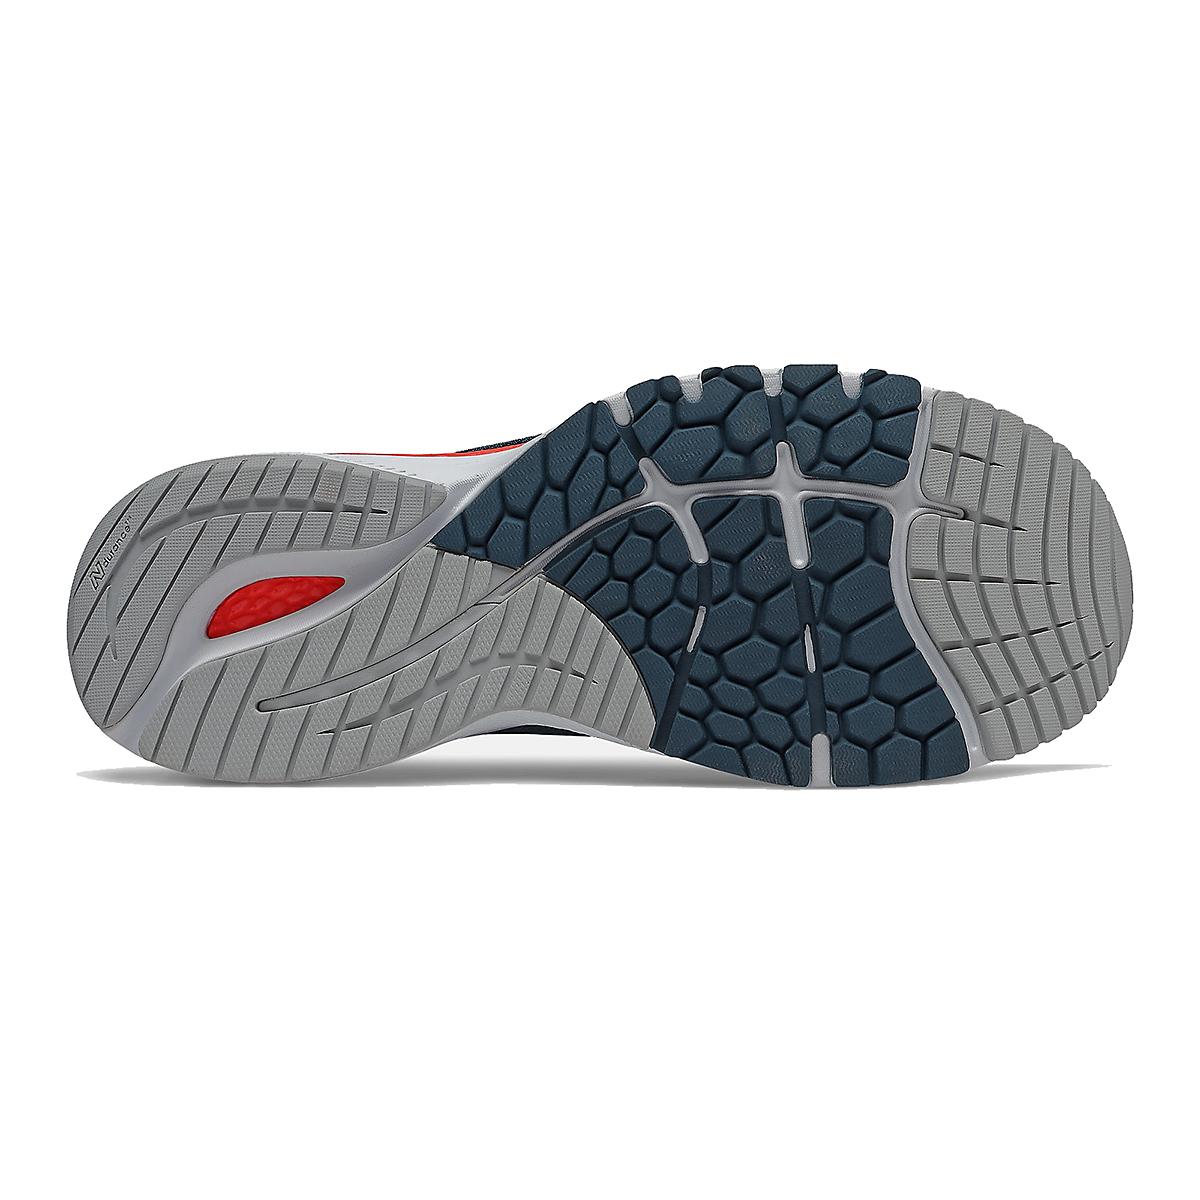 Men's New Balance 860v11 Running Shoe  - Color: Jet Stream - Size: 6 - Width: Wide, Jet Stream, large, image 3